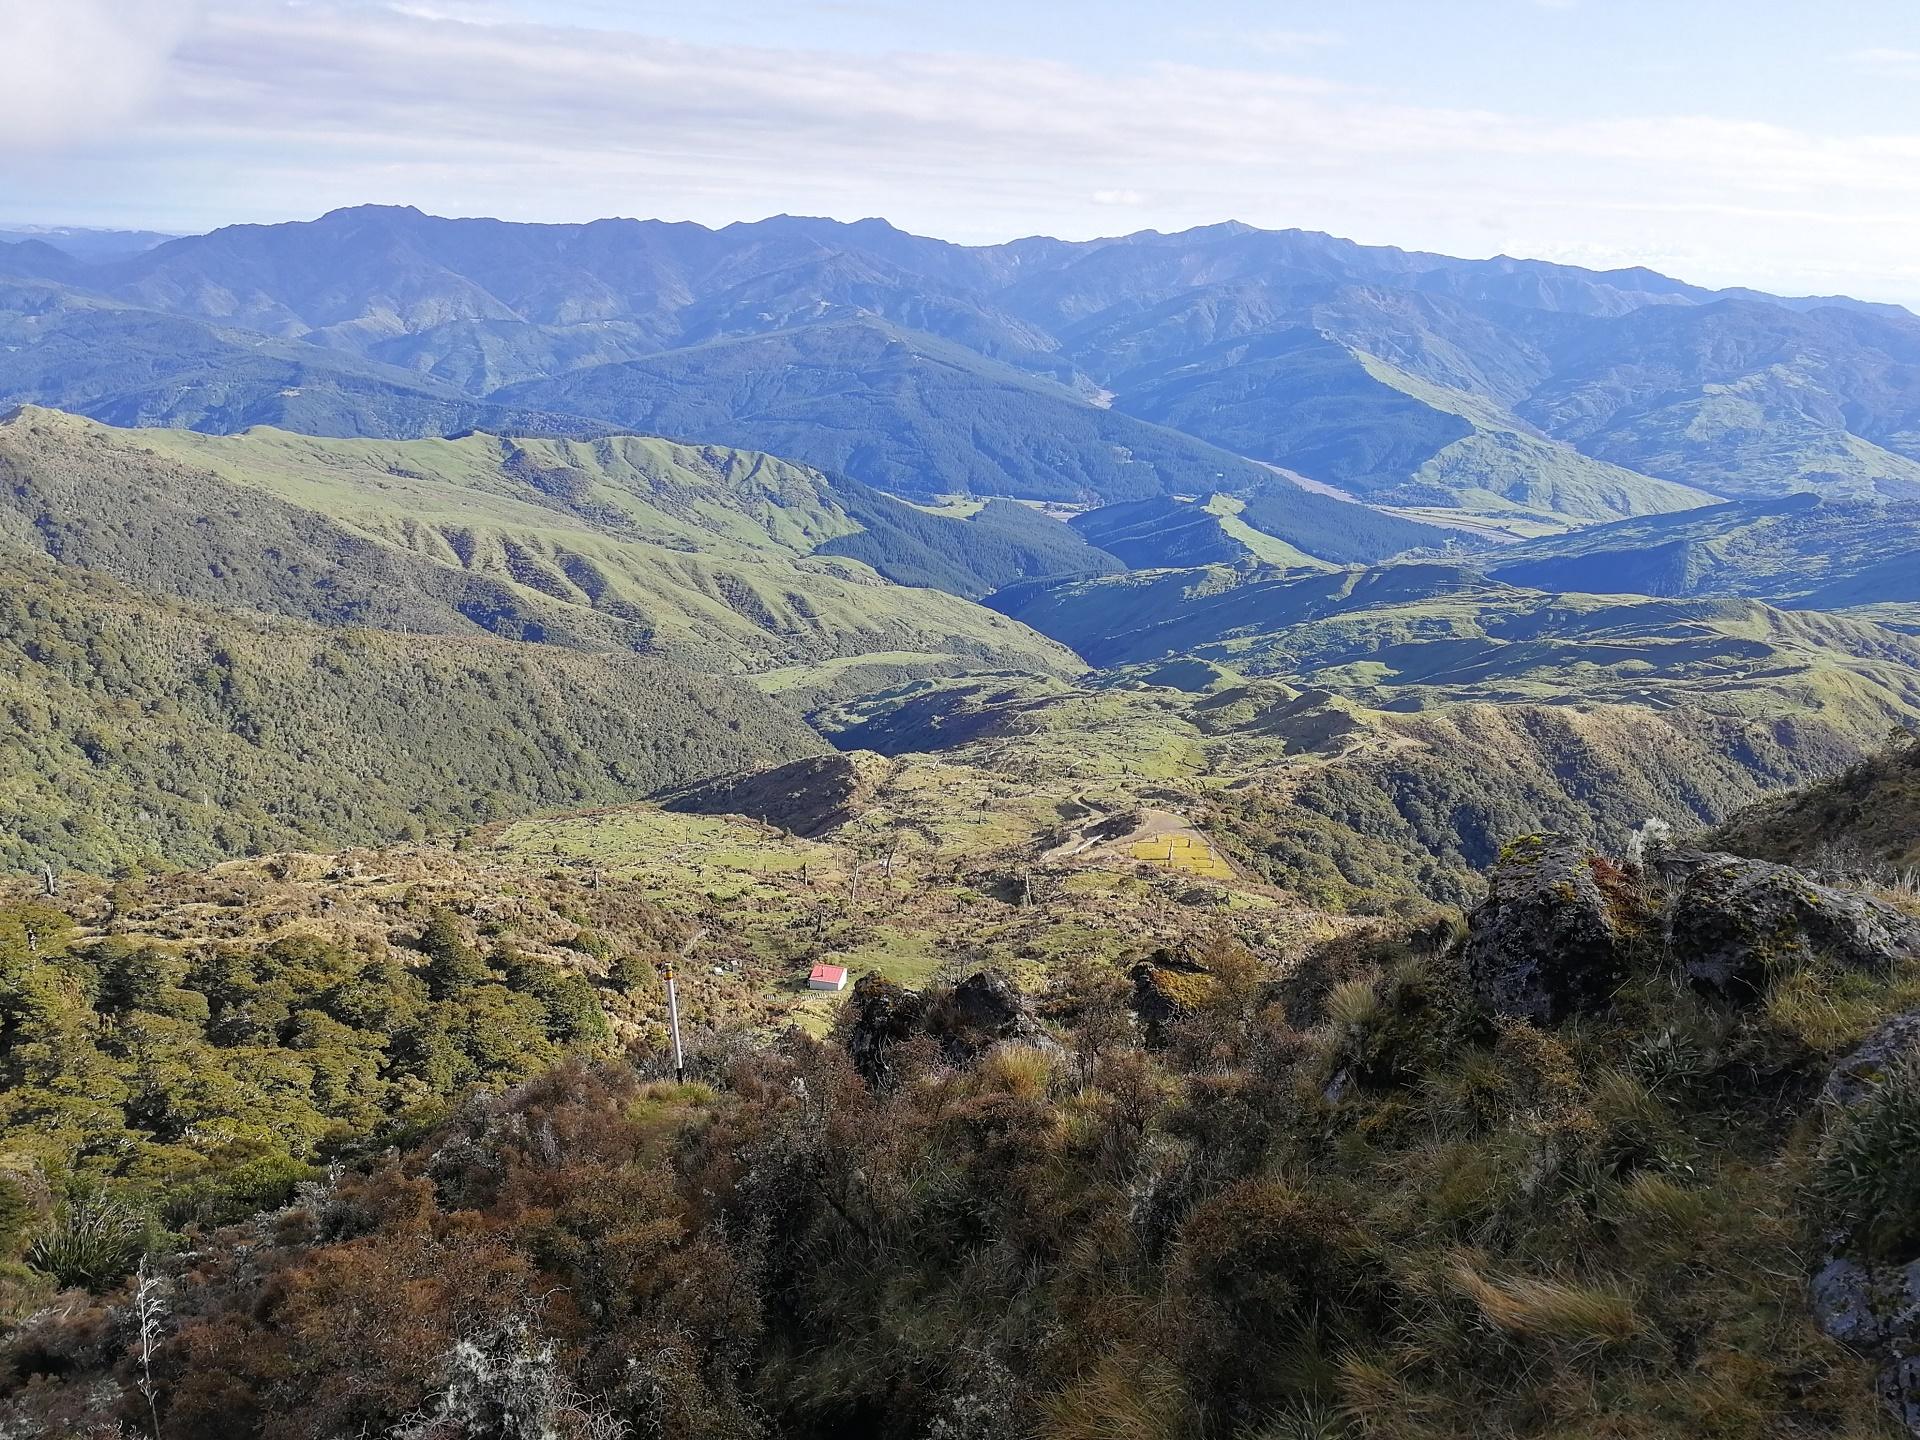 Po sestupu z džungle po úbočí hory Hikurangi se otevírá kopcovité panoráma s chatou v údolí